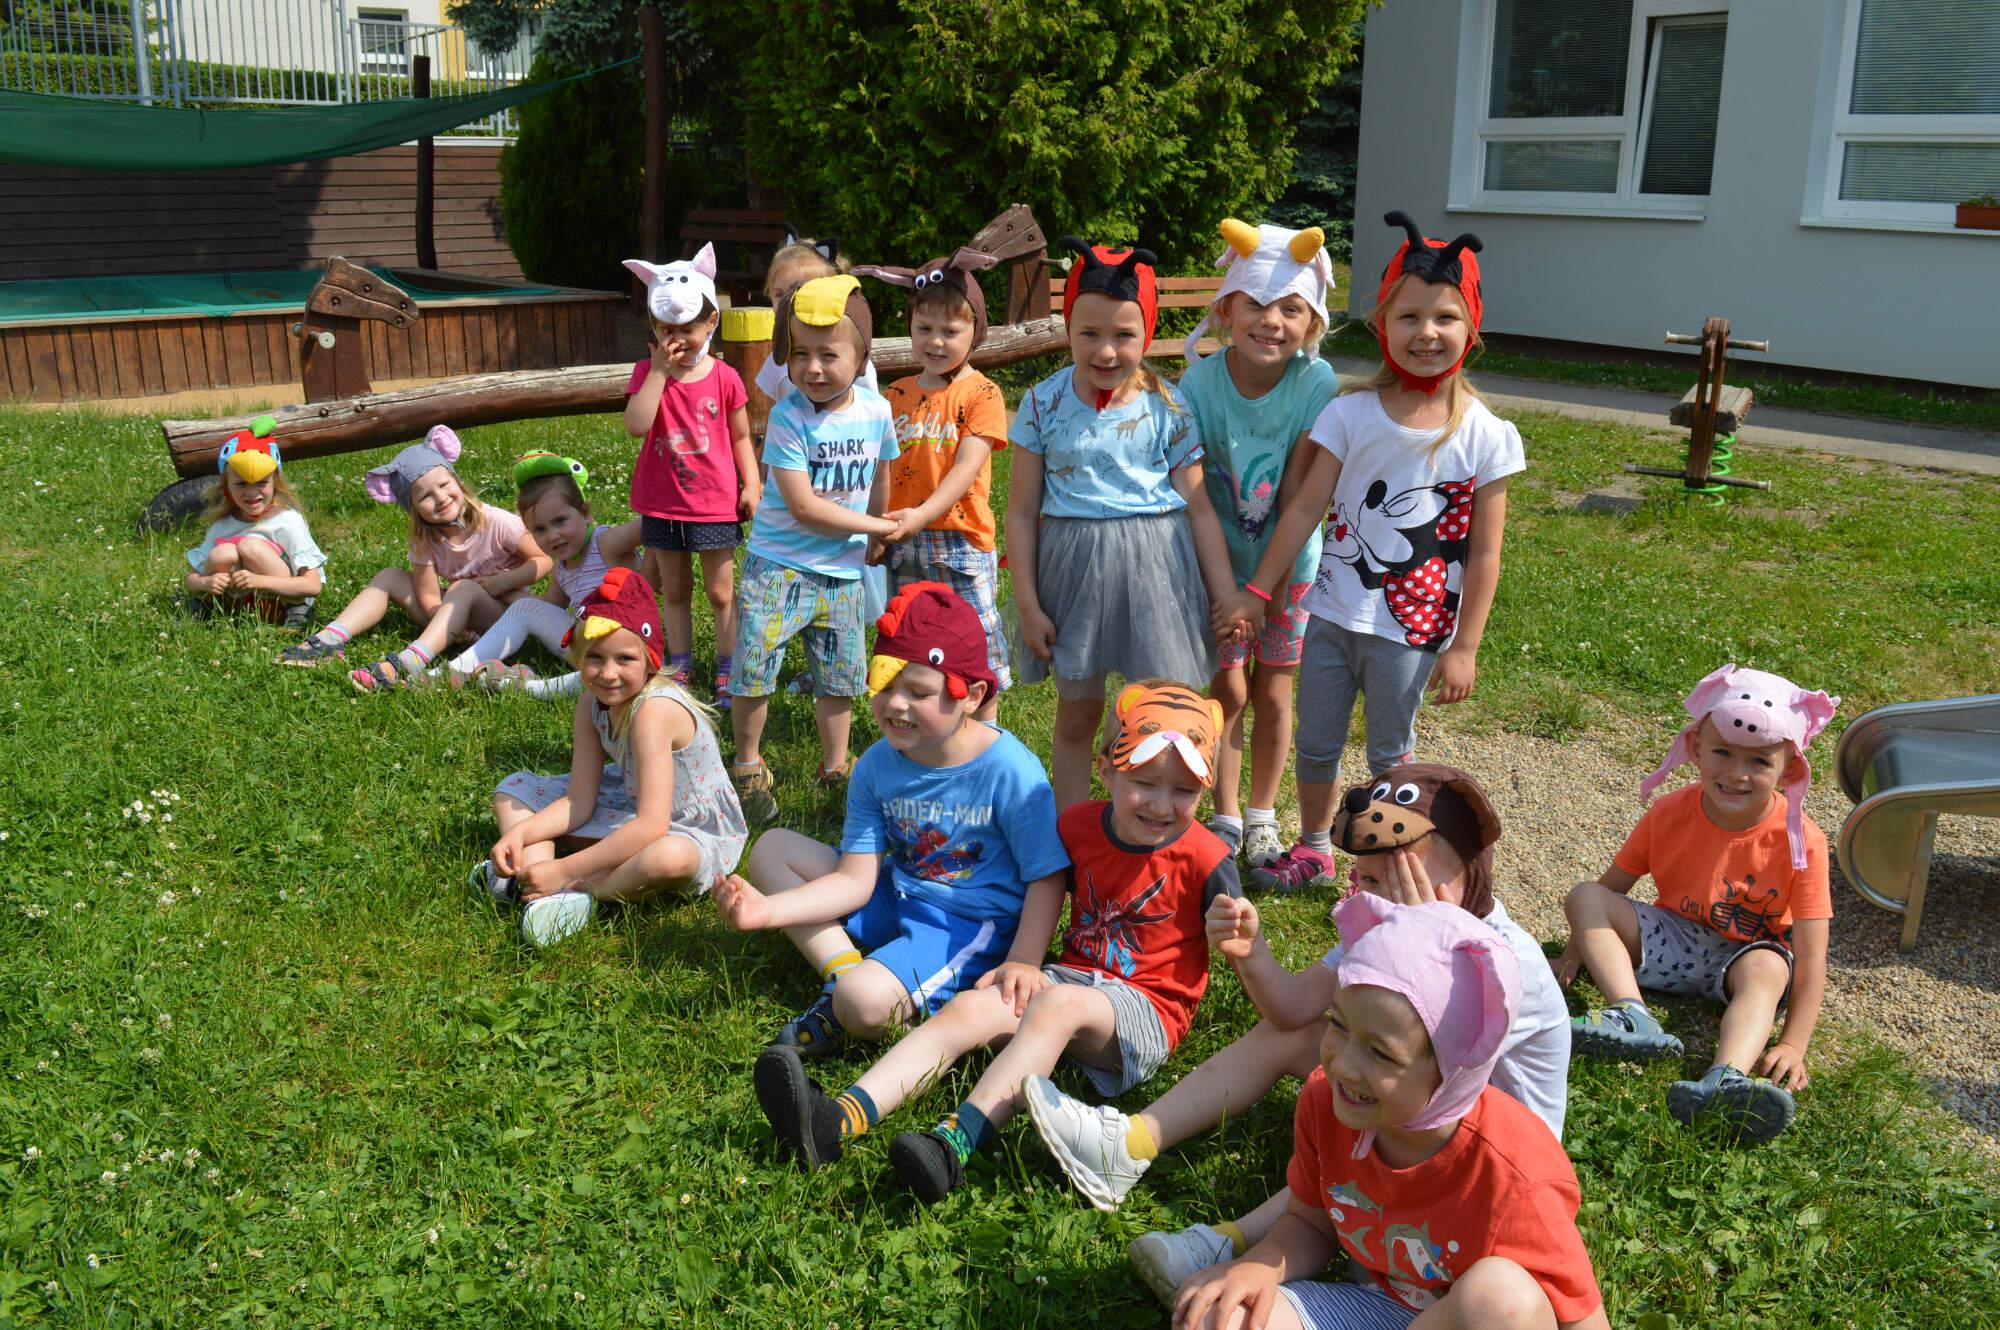 děti na zahradě v maskách